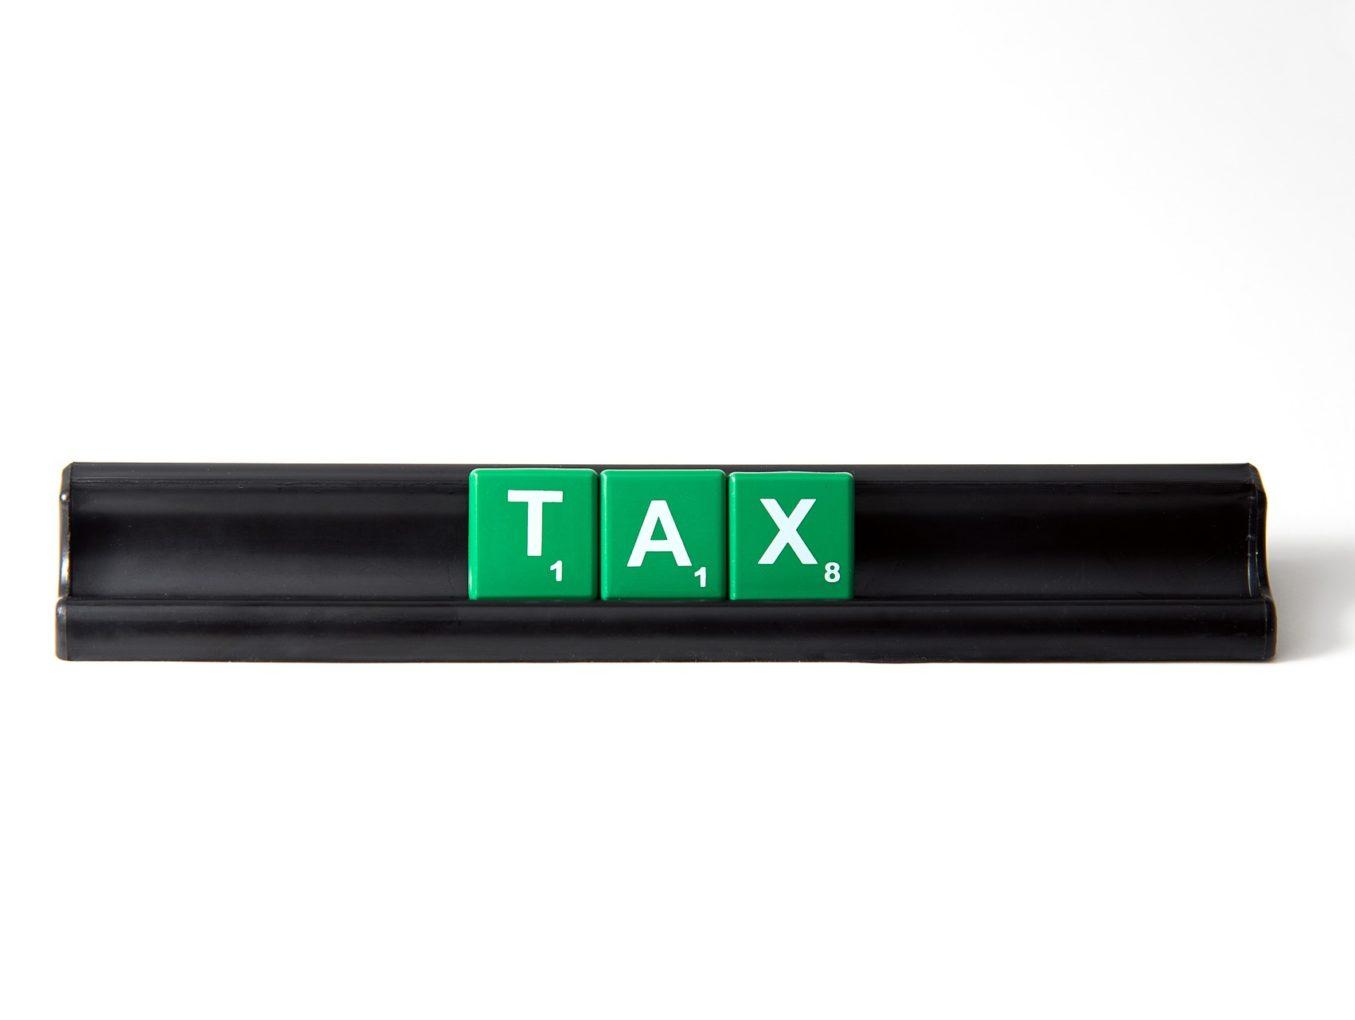 Rozlicz PIT z Biurem Rachunkowym Prosperita. W tym roku termin rozliczenia z fiskusem to 1 czerwca